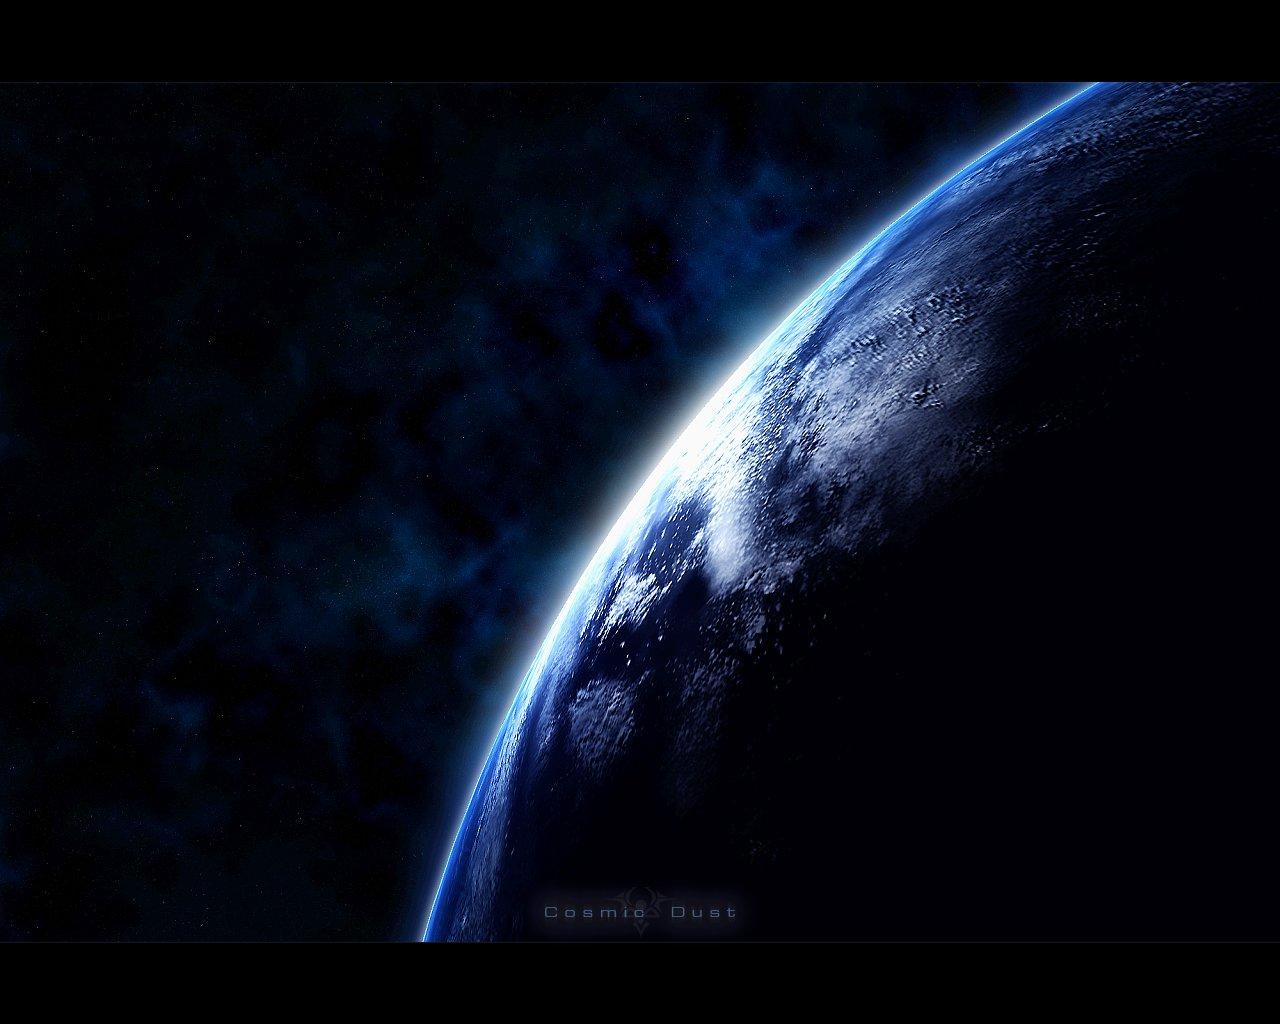 greg martin完美的太空星球绘画作品(3)图片